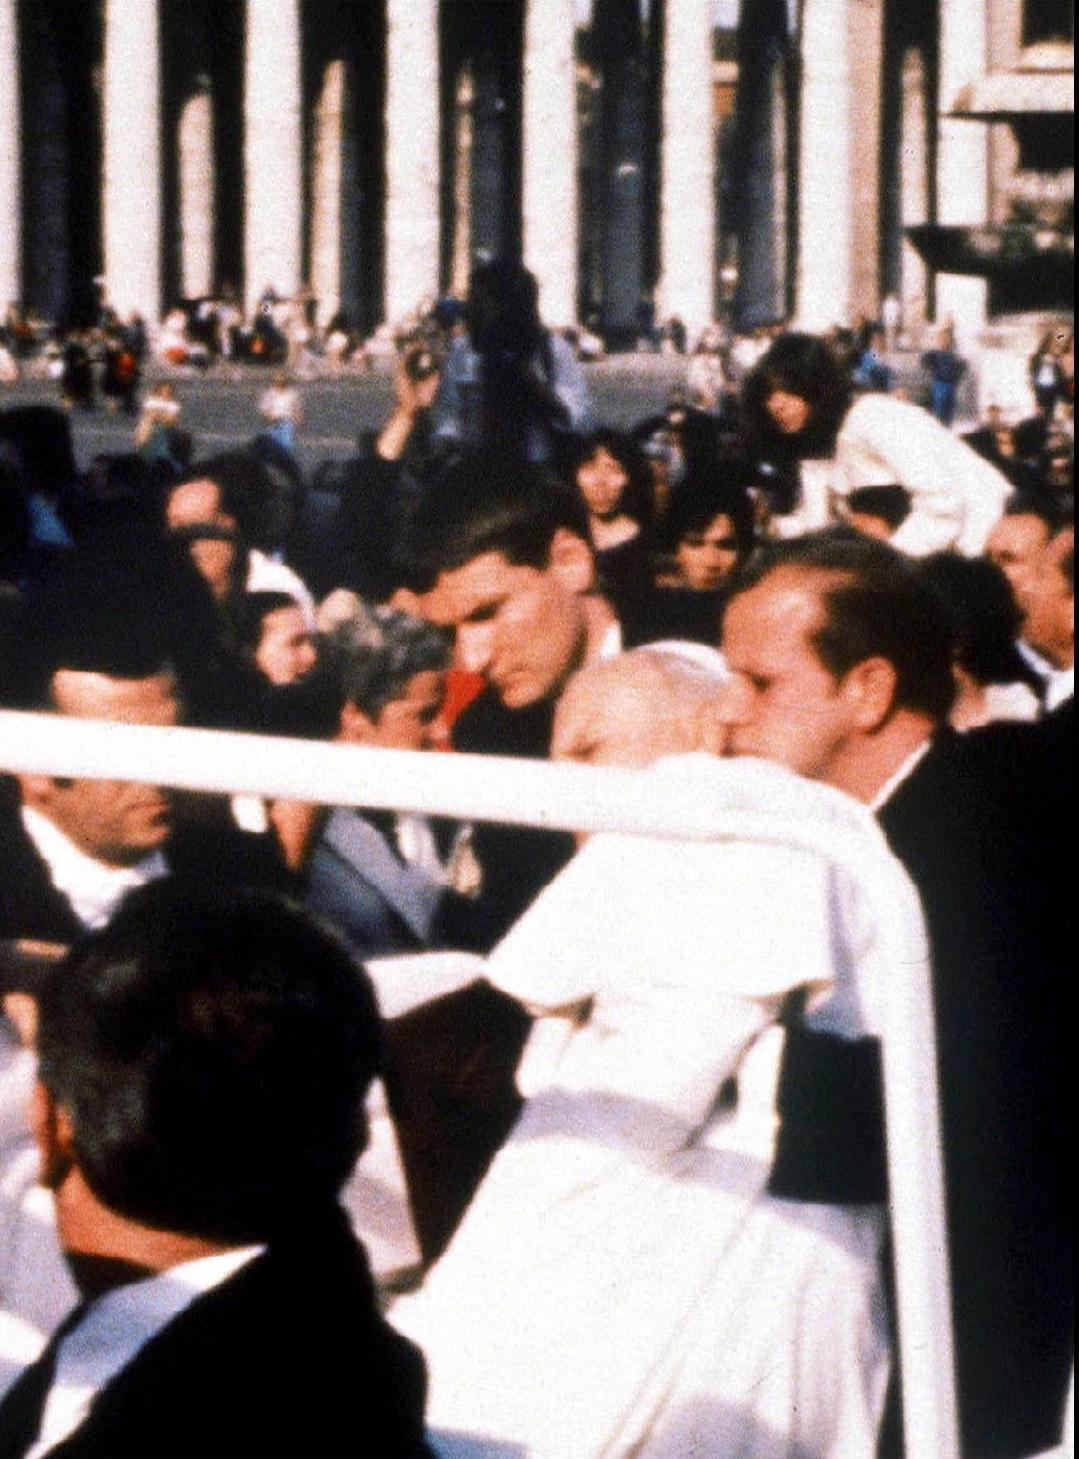 Vatikánváros, 1981. május 13. II. JÁNOS PÁL  pápa, a római katolikus egyház feje összeesik, miután egy török szélsőjobboldali csoport, a Szürke Farkasok egyik tagja, Mehmet Ali AGCA rálőtt a római Szent Péter téren.  (MTI/EPA/ANSA)